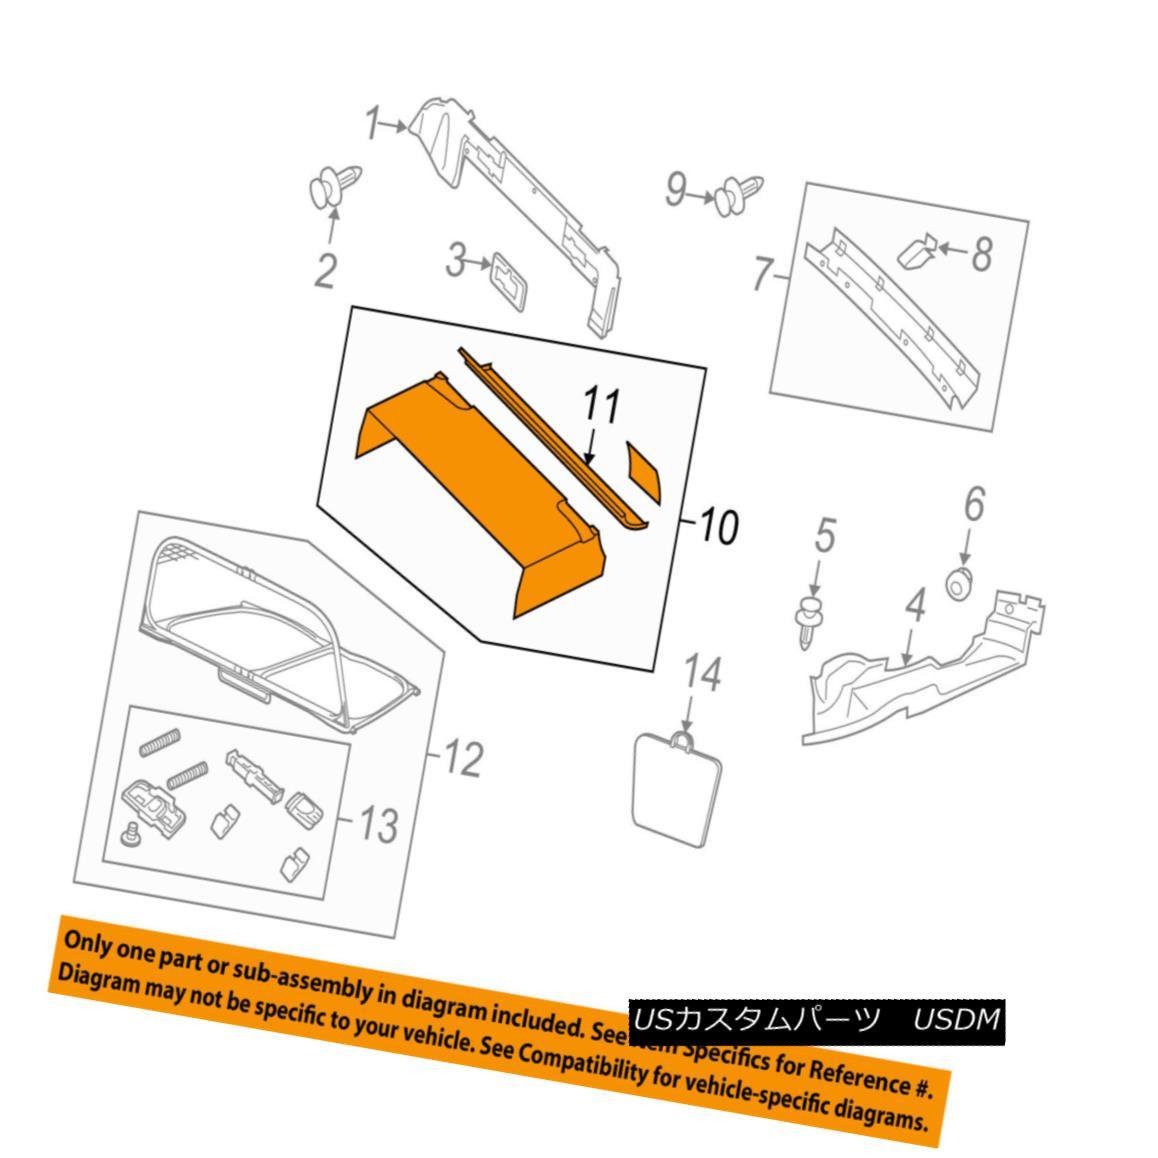 幌・ソフトトップ AUDI OEM 10-17 A5 Quattro Convertible/soft Top-Box 8F0863491BCA9 AUDI OEM 10-17 A5 Quattro Convertible / so ftトップボックス8F0863491BCA9